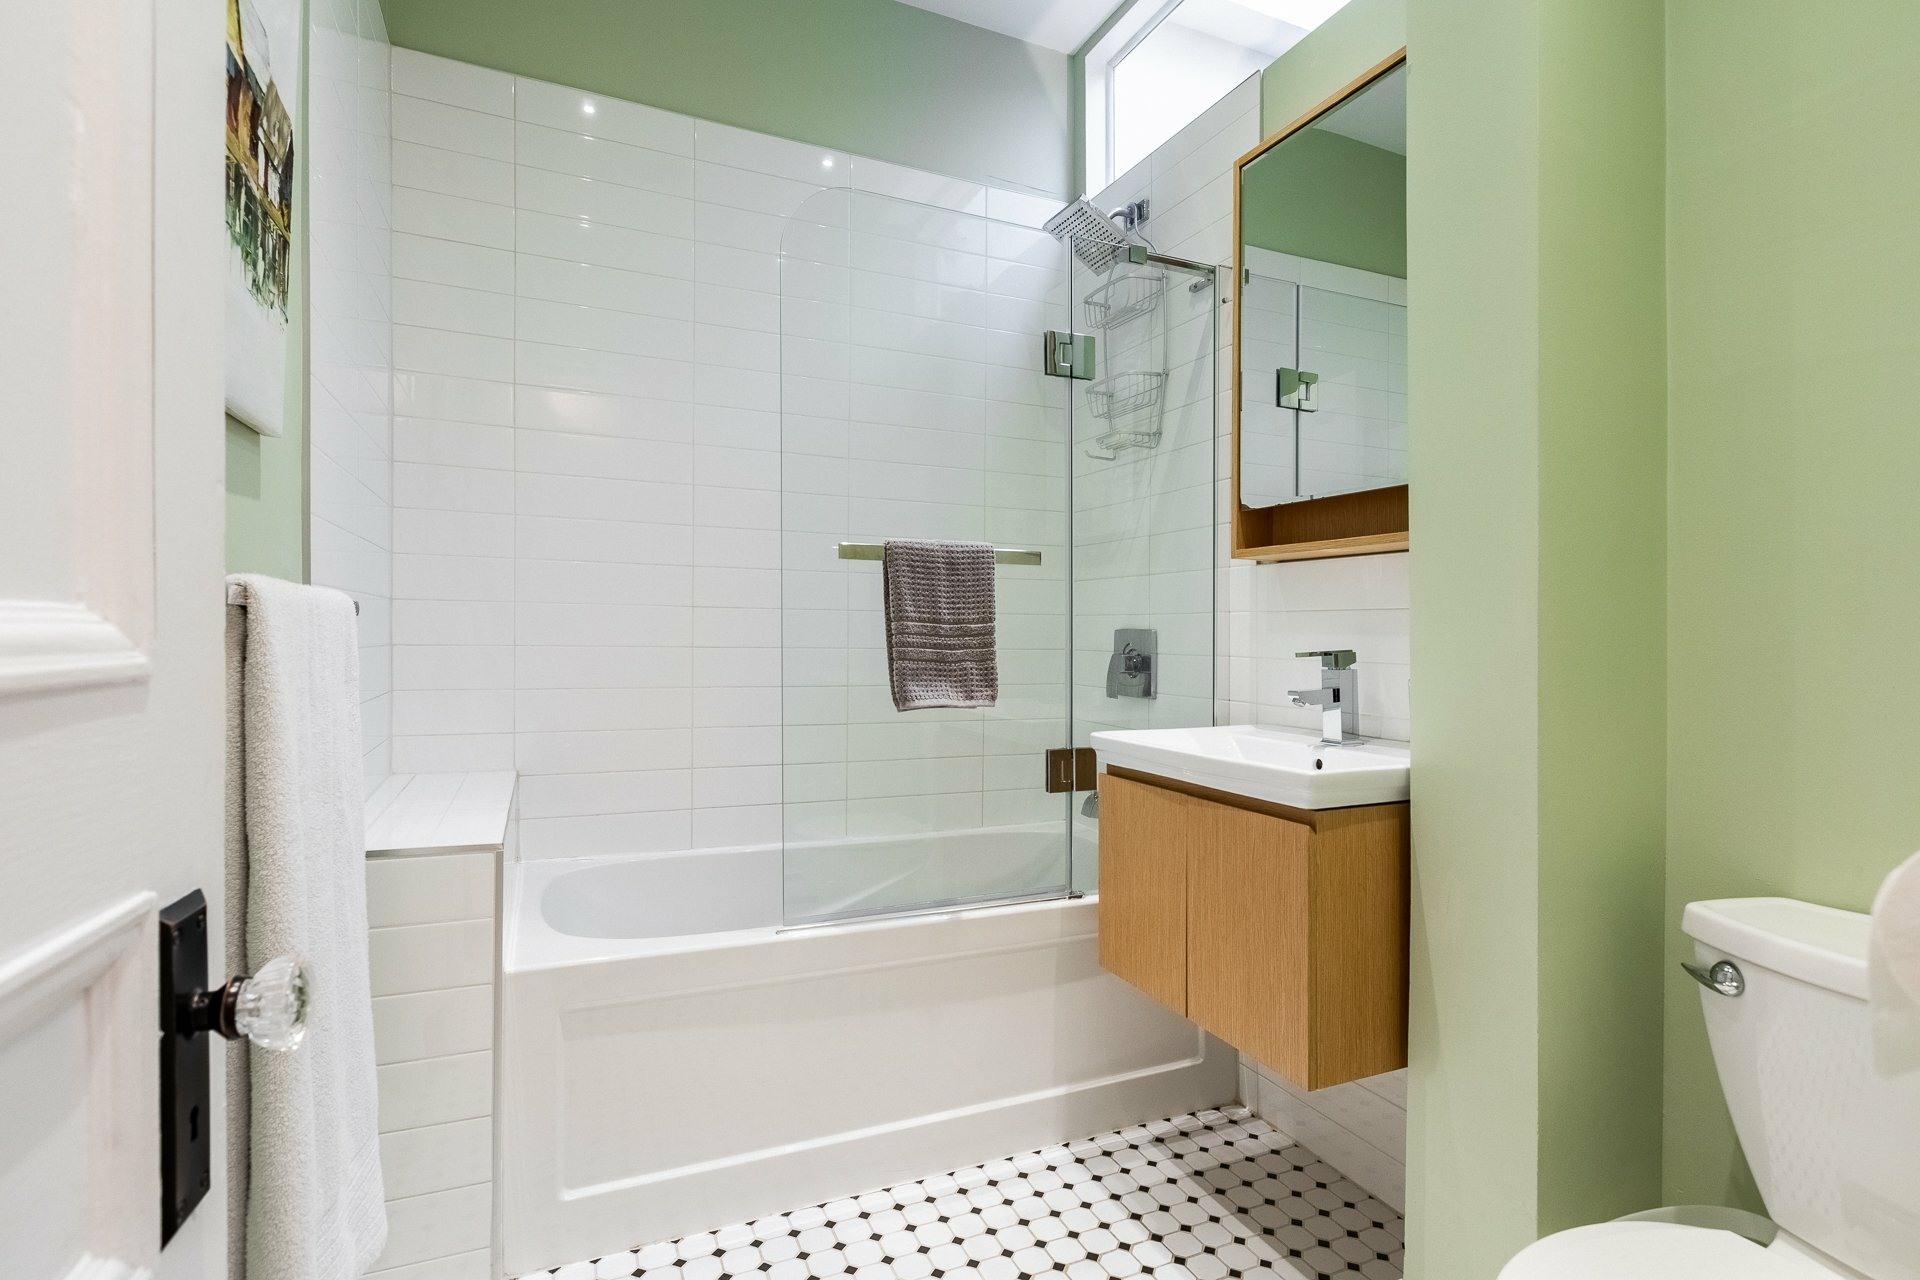 image 7 - Appartement À vendre Montréal Le Plateau-Mont-Royal  - 7 pièces